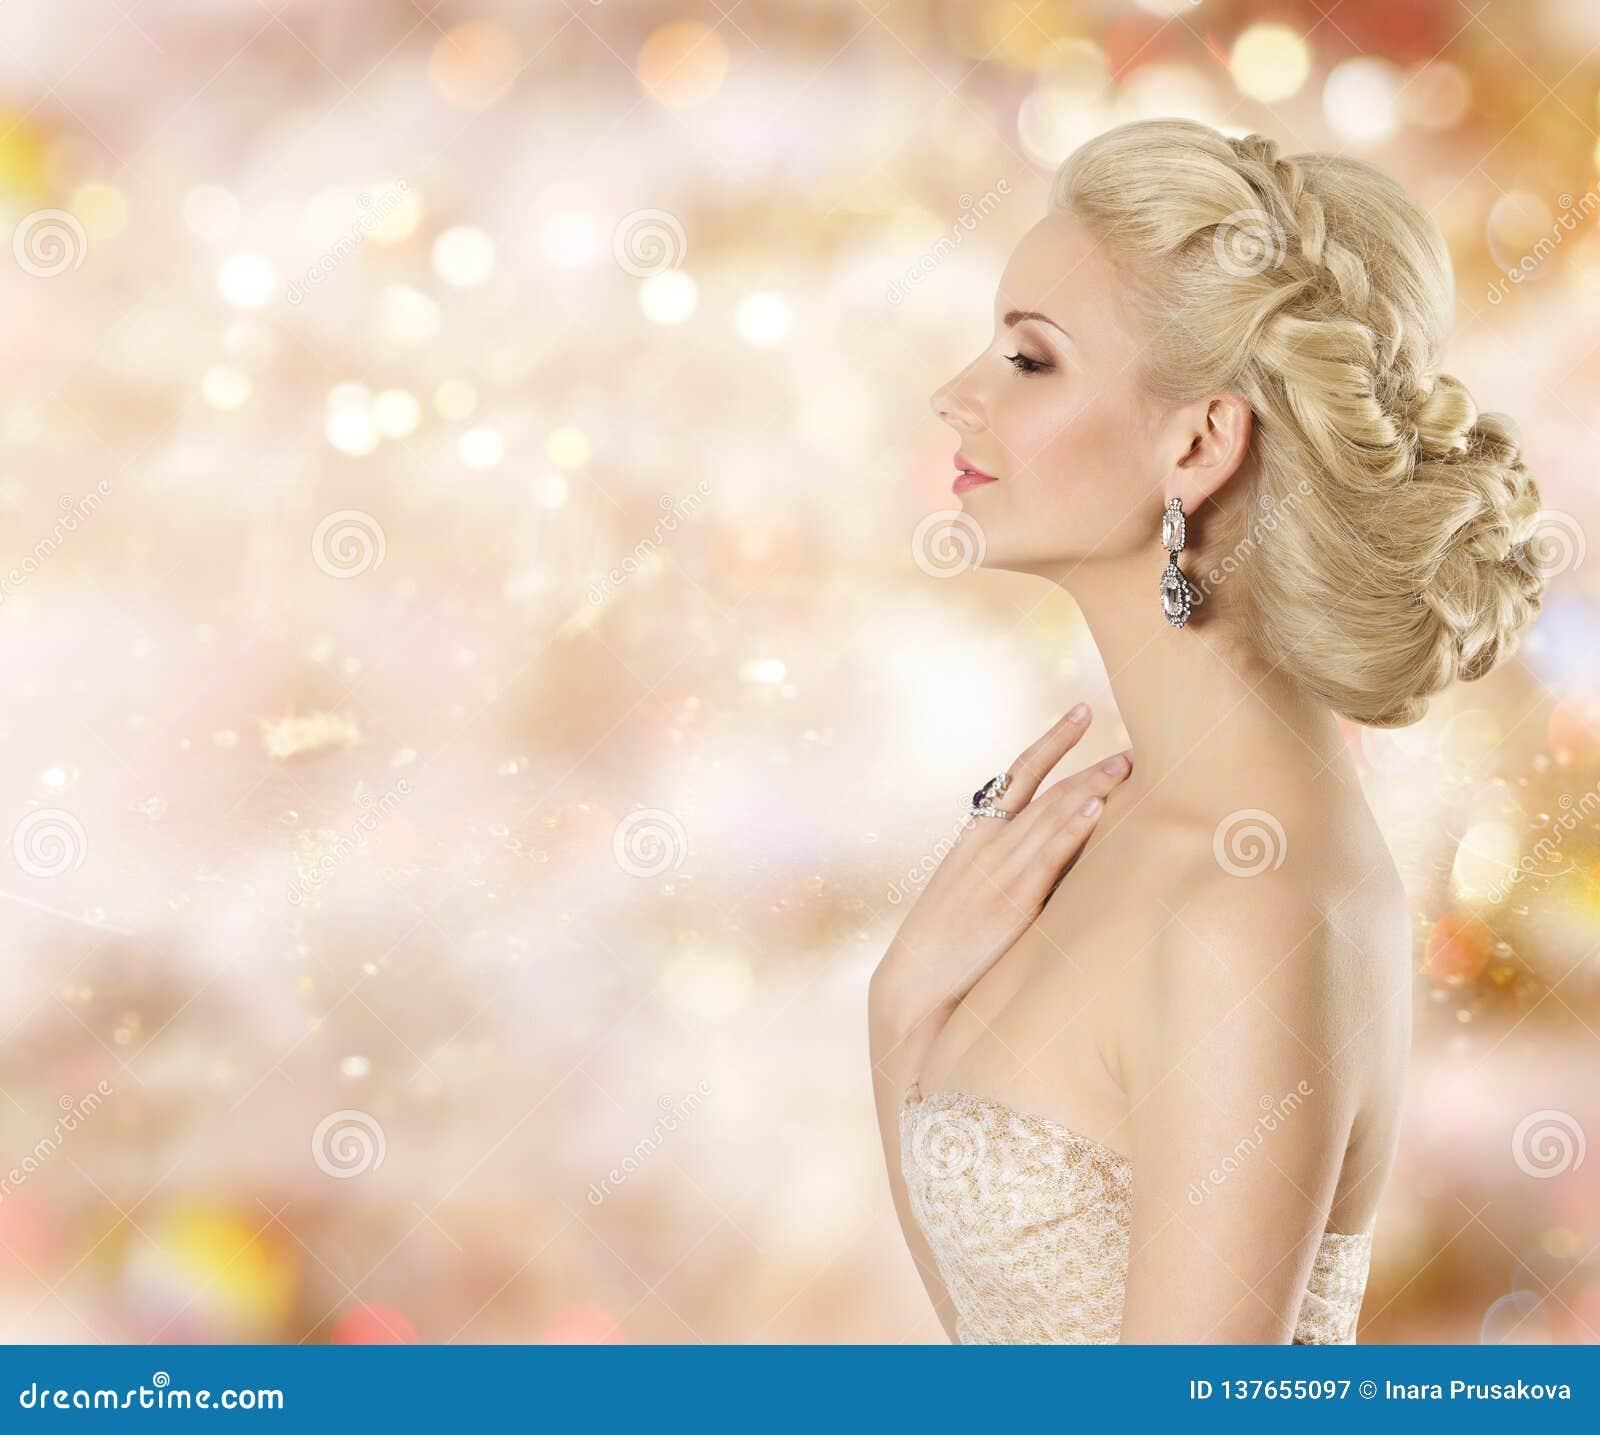 Mode-Modell Beauty Portrait, elegante Frauen-Schmuck, schönes Mädchen, das kosmetisch riecht